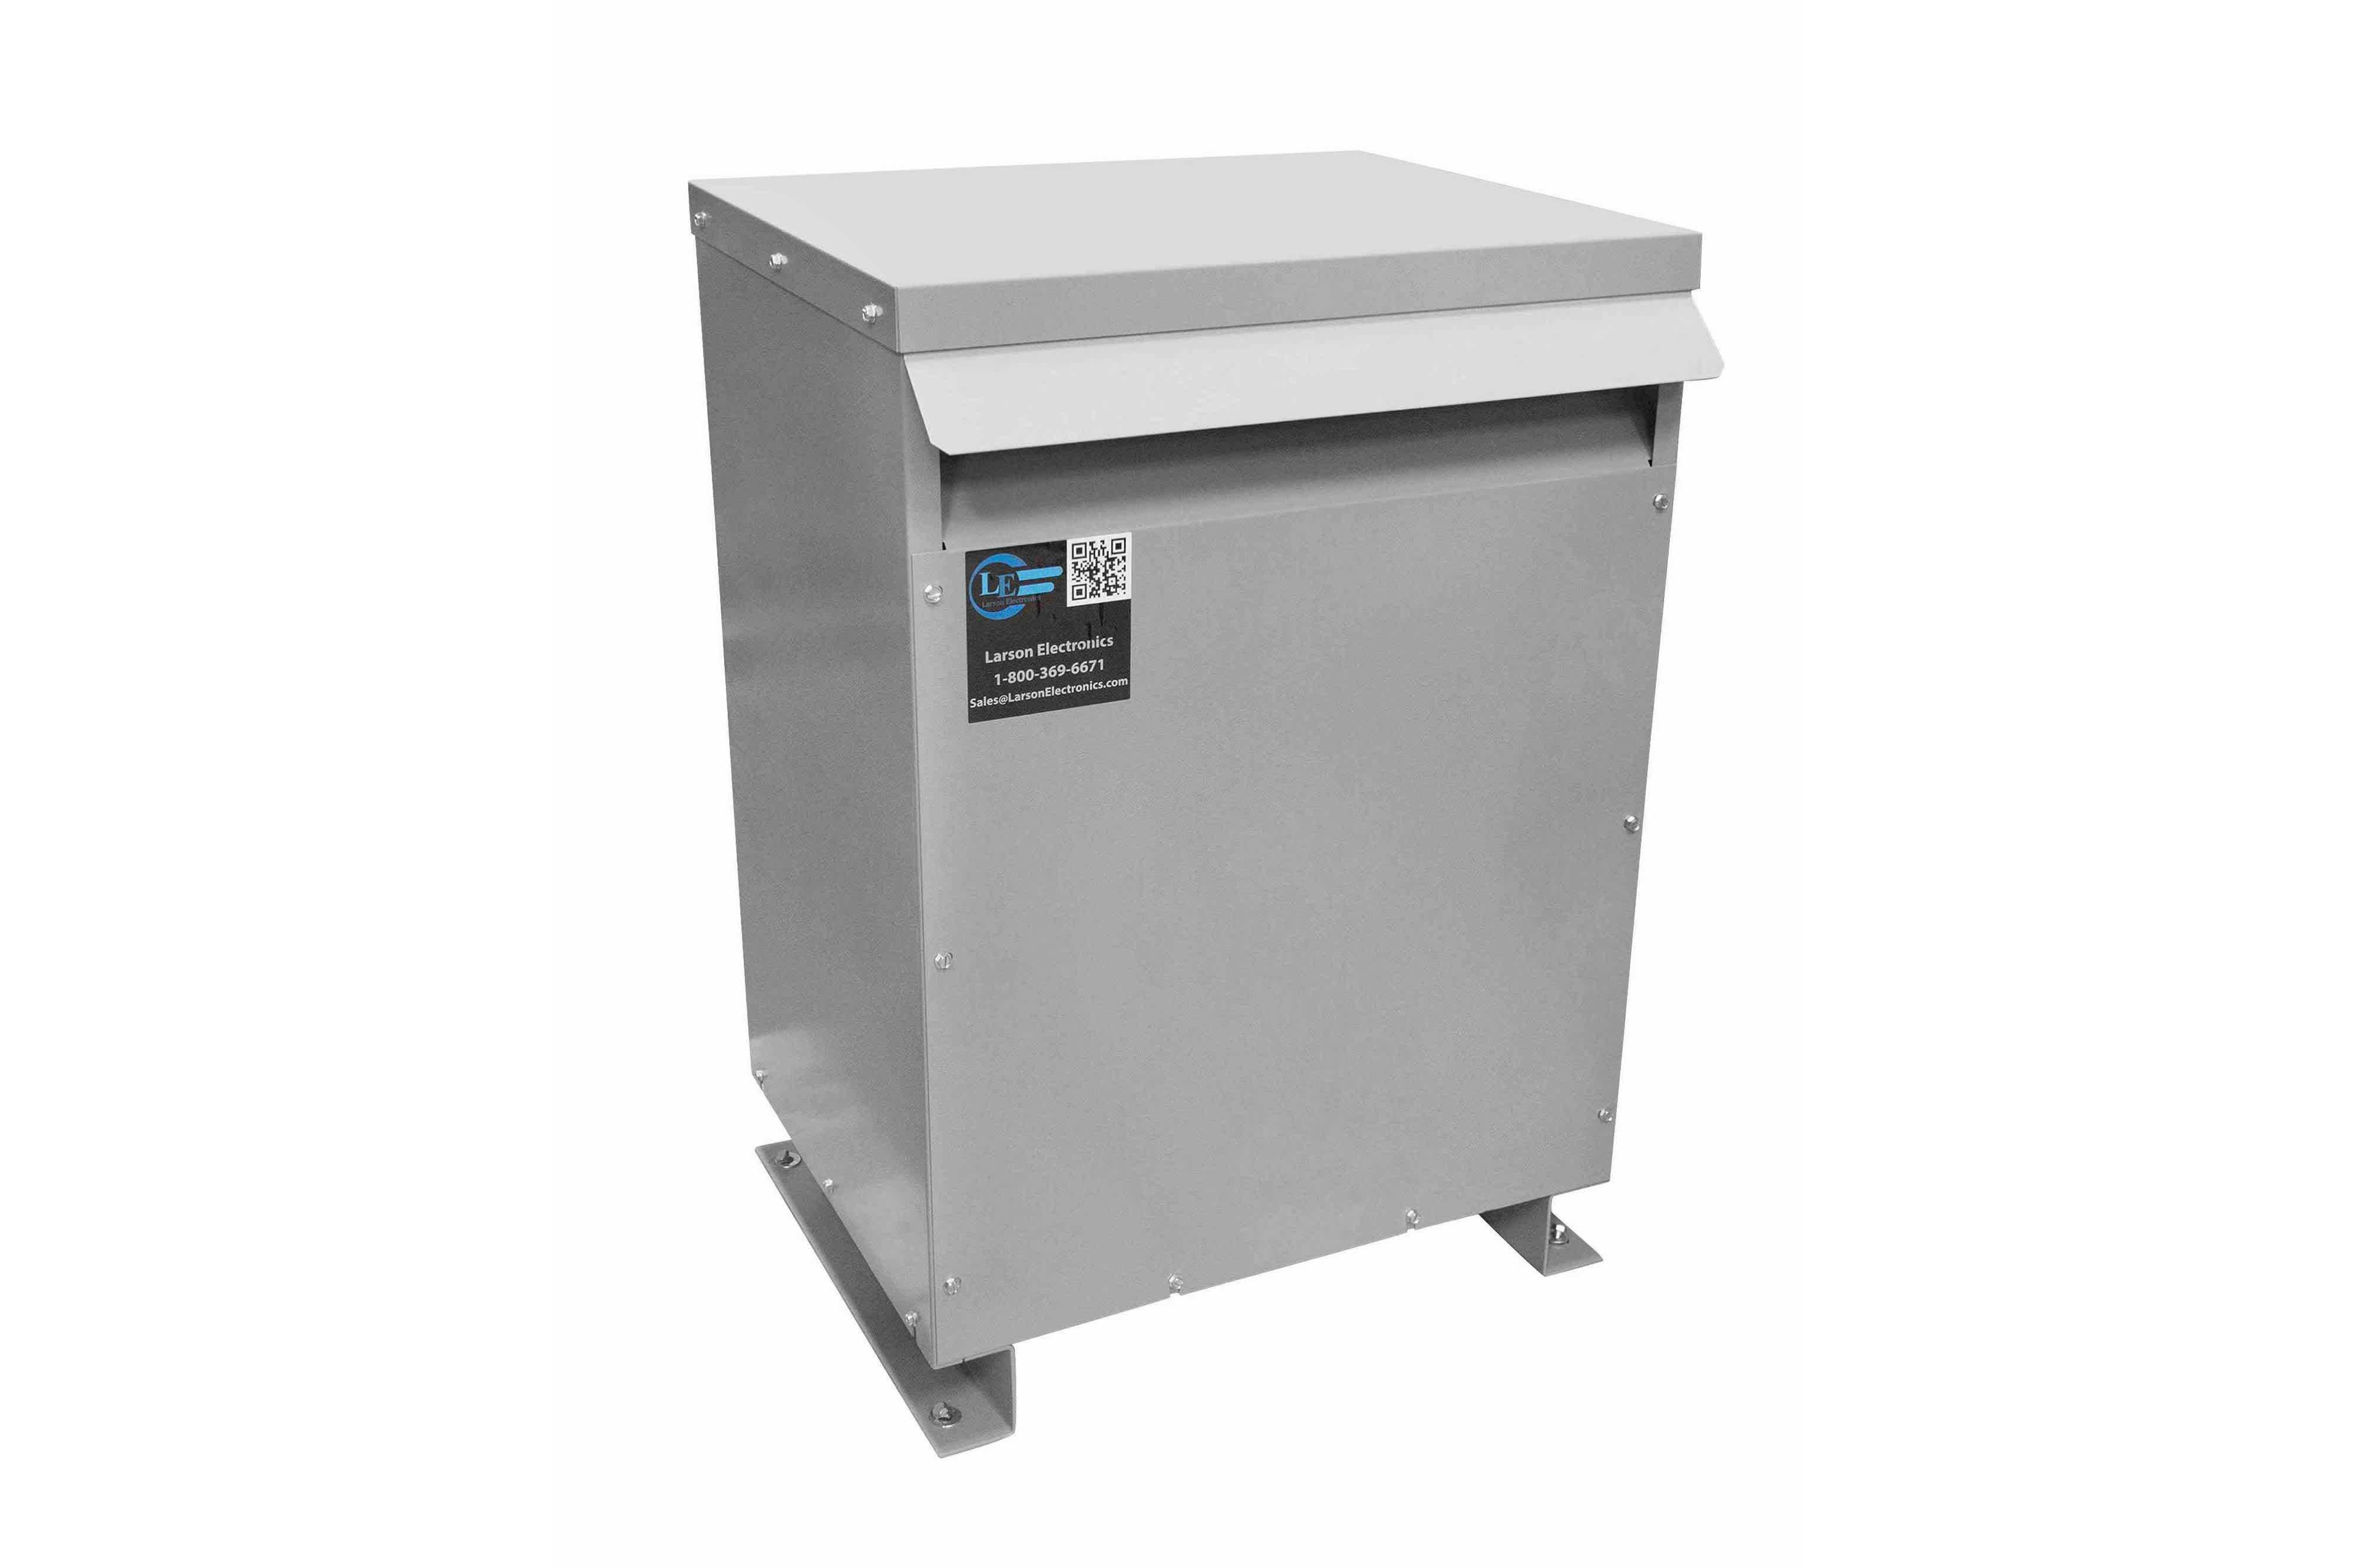 37.5 kVA 3PH Isolation Transformer, 240V Delta Primary, 380V Delta Secondary, N3R, Ventilated, 60 Hz